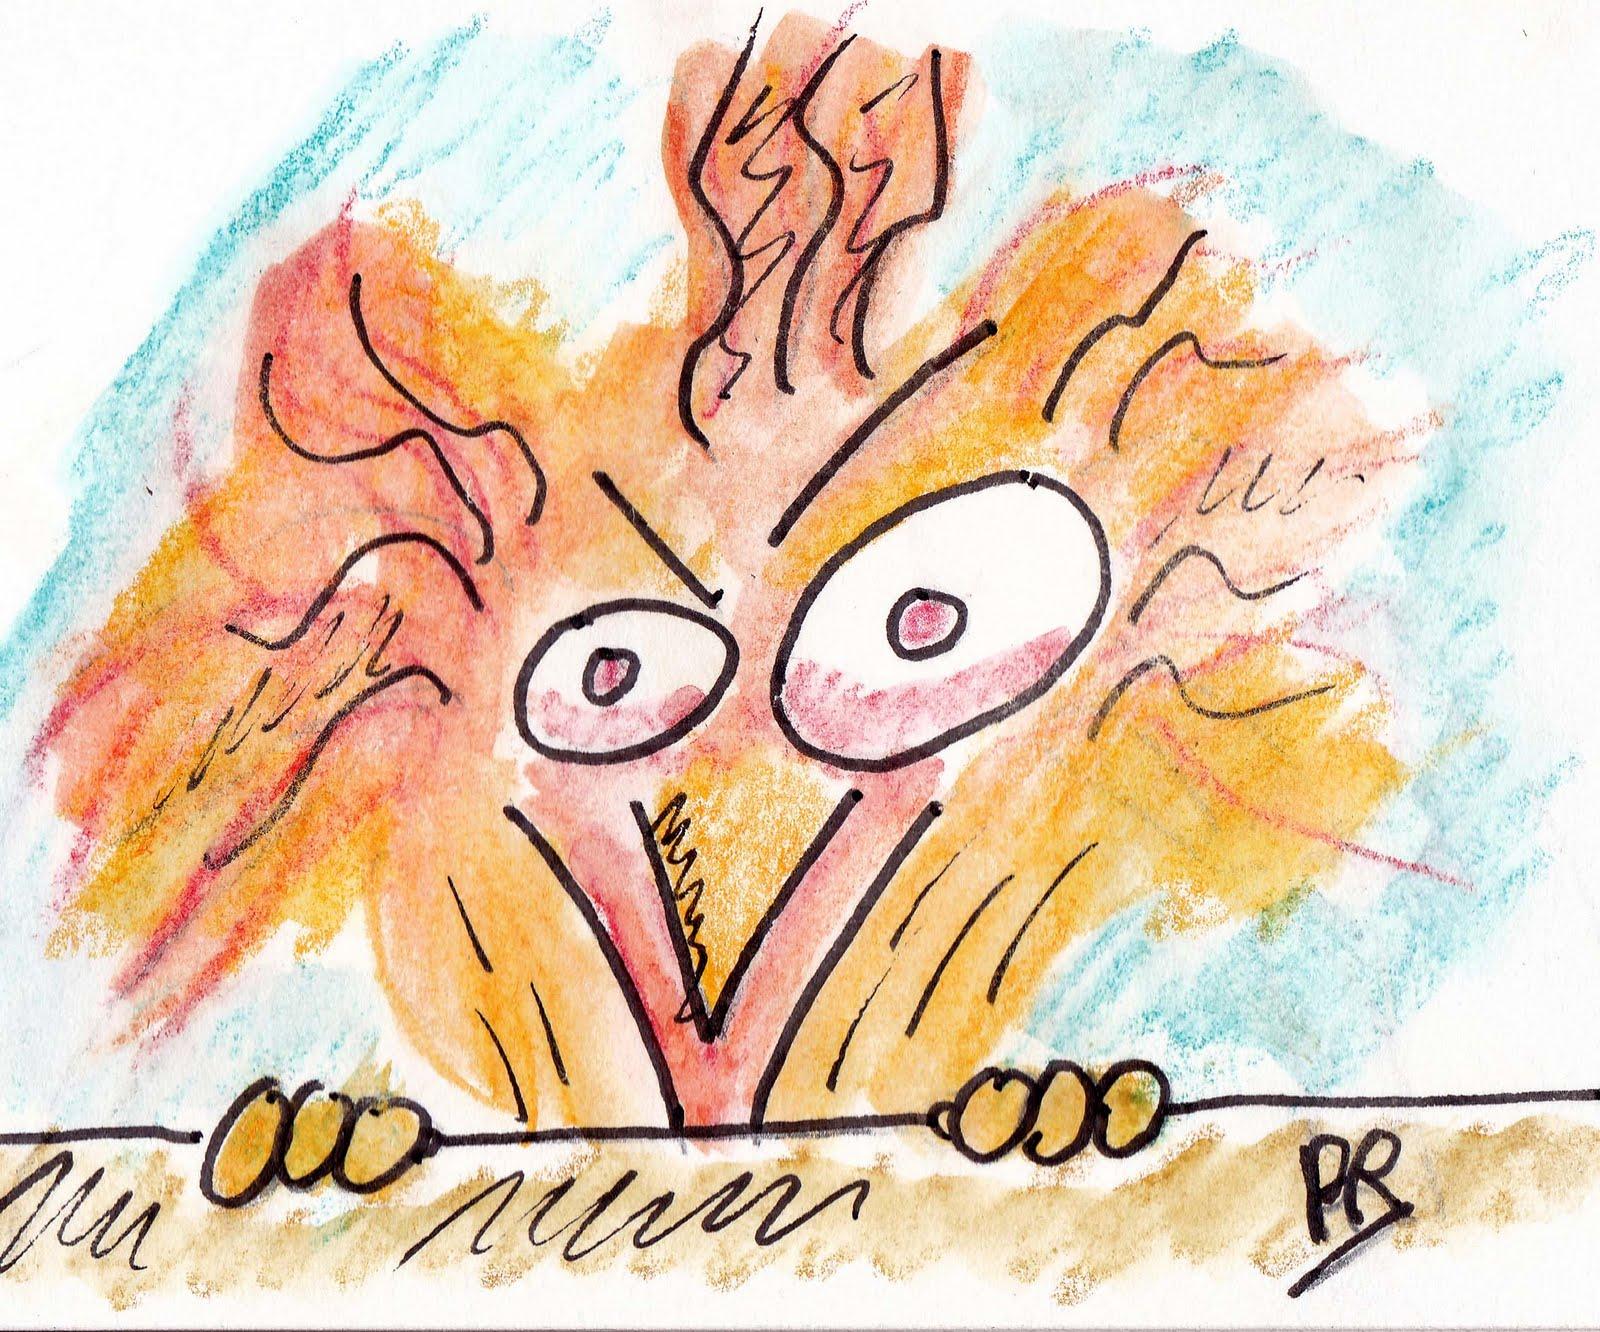 Gabriel phoenouil dessins photo profil fb - Dessin profil ...